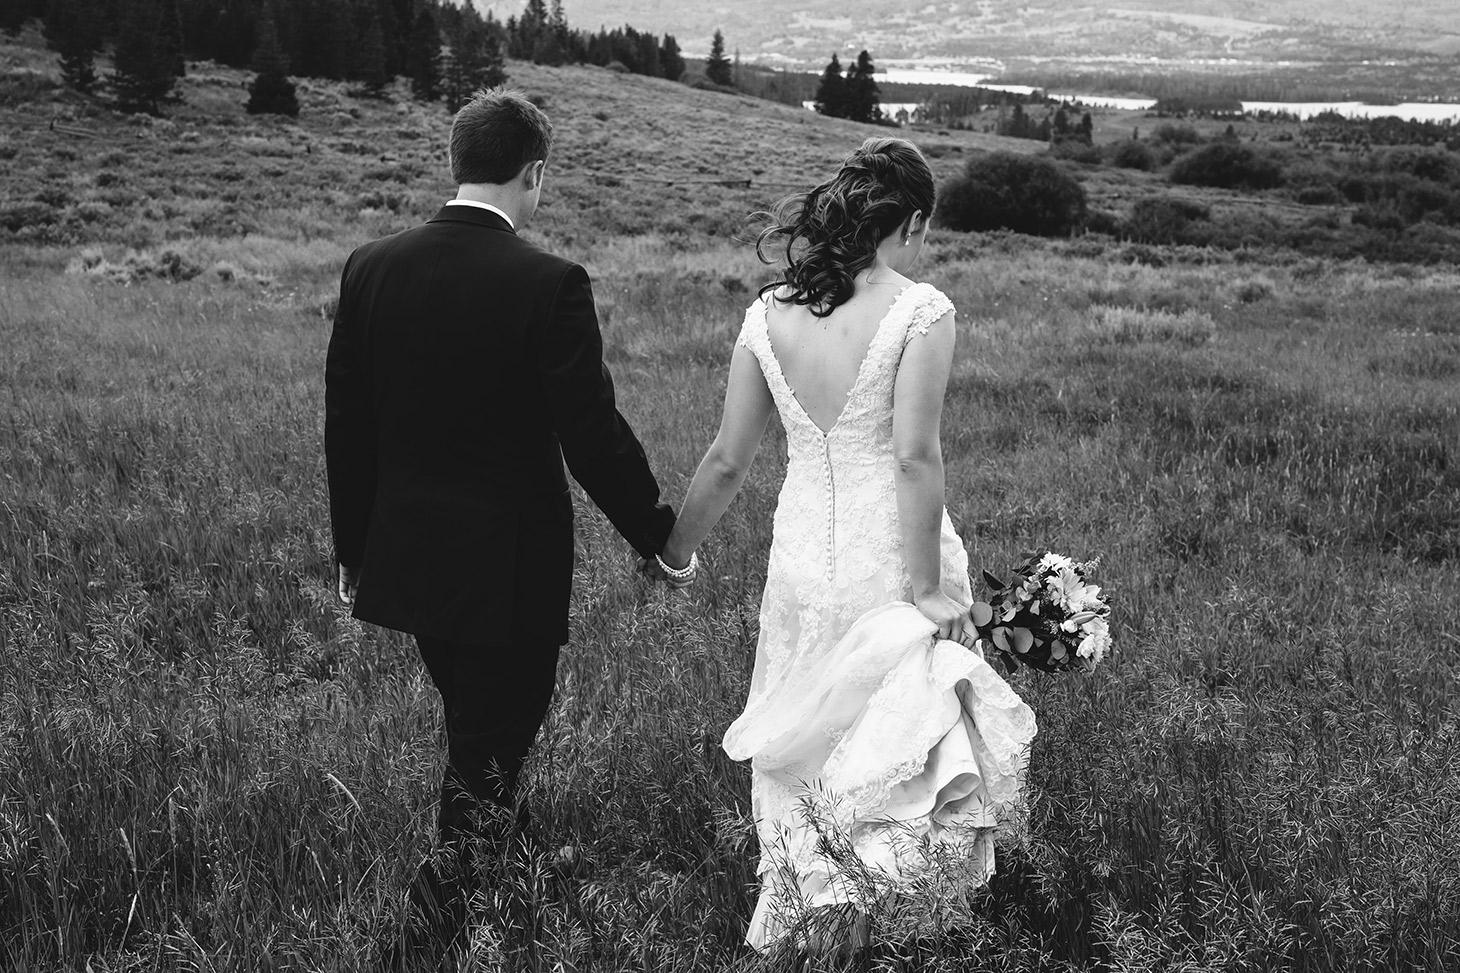 Megan-Newton-Photography-Best-Wedding-Photos-2015-002